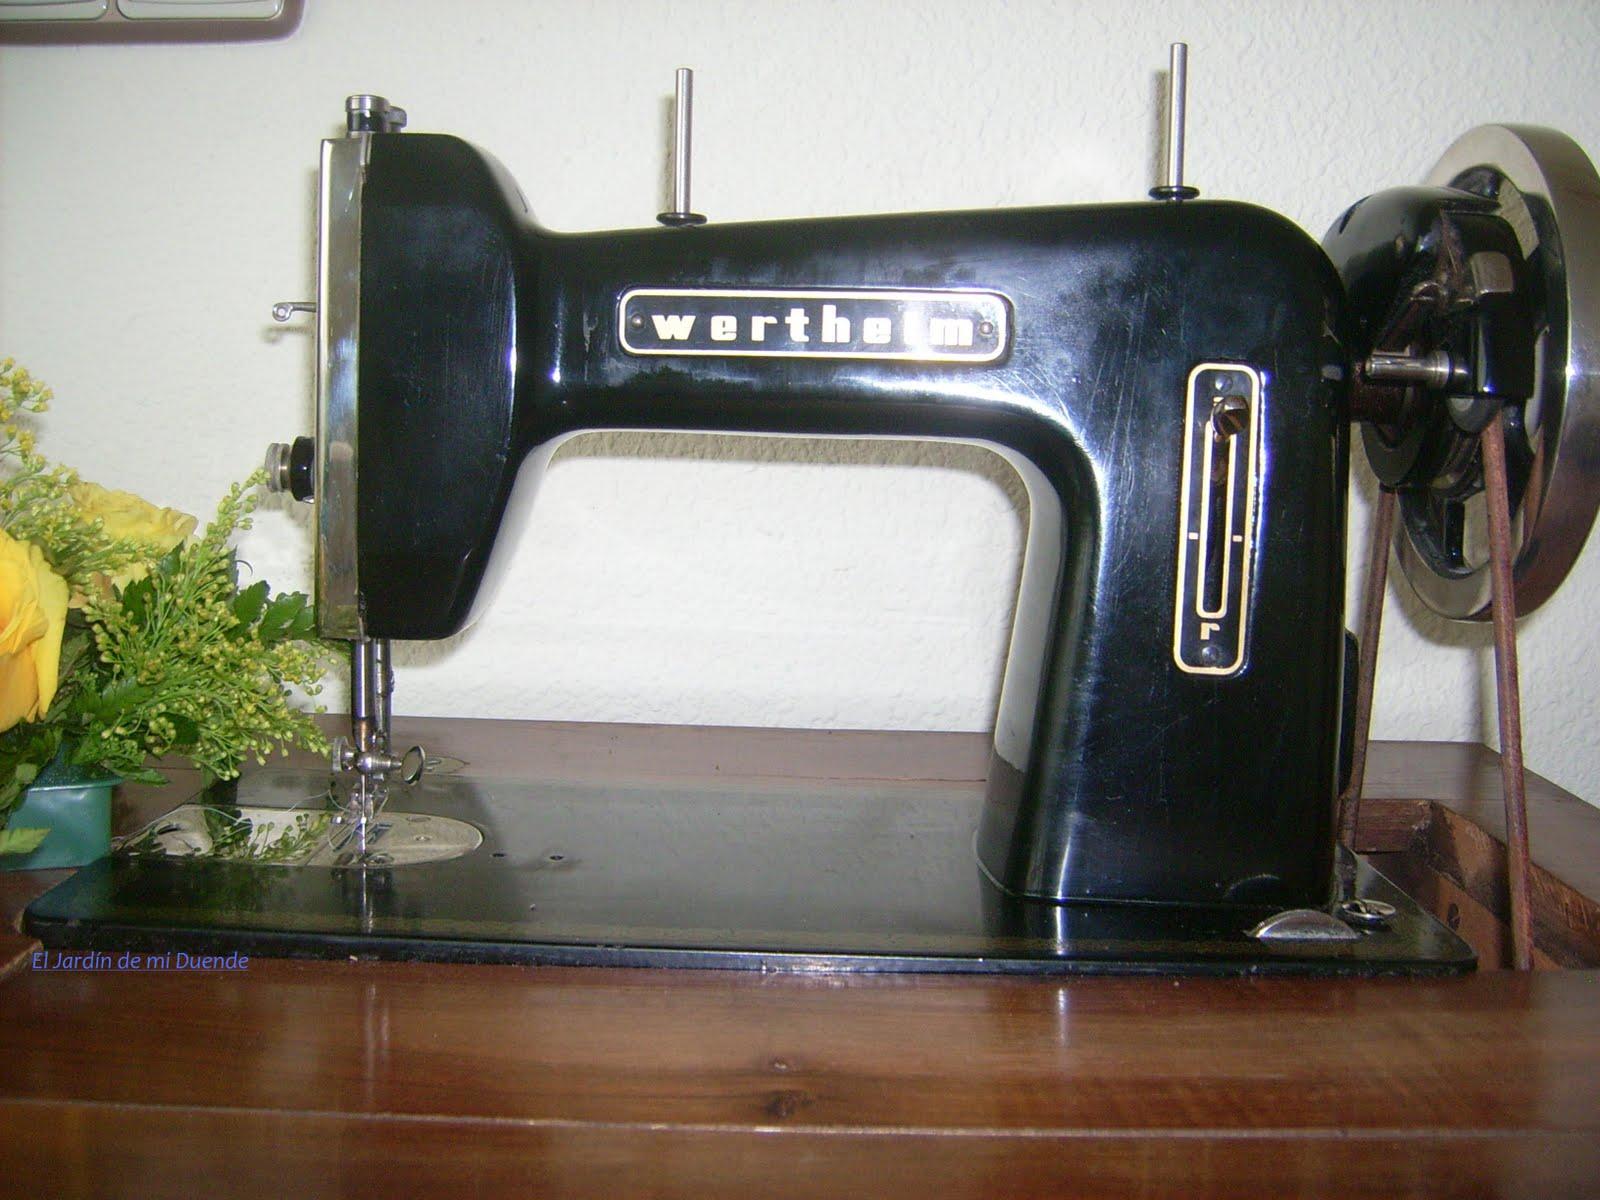 El Jardin de mi Duende: Maquina de coser antigua